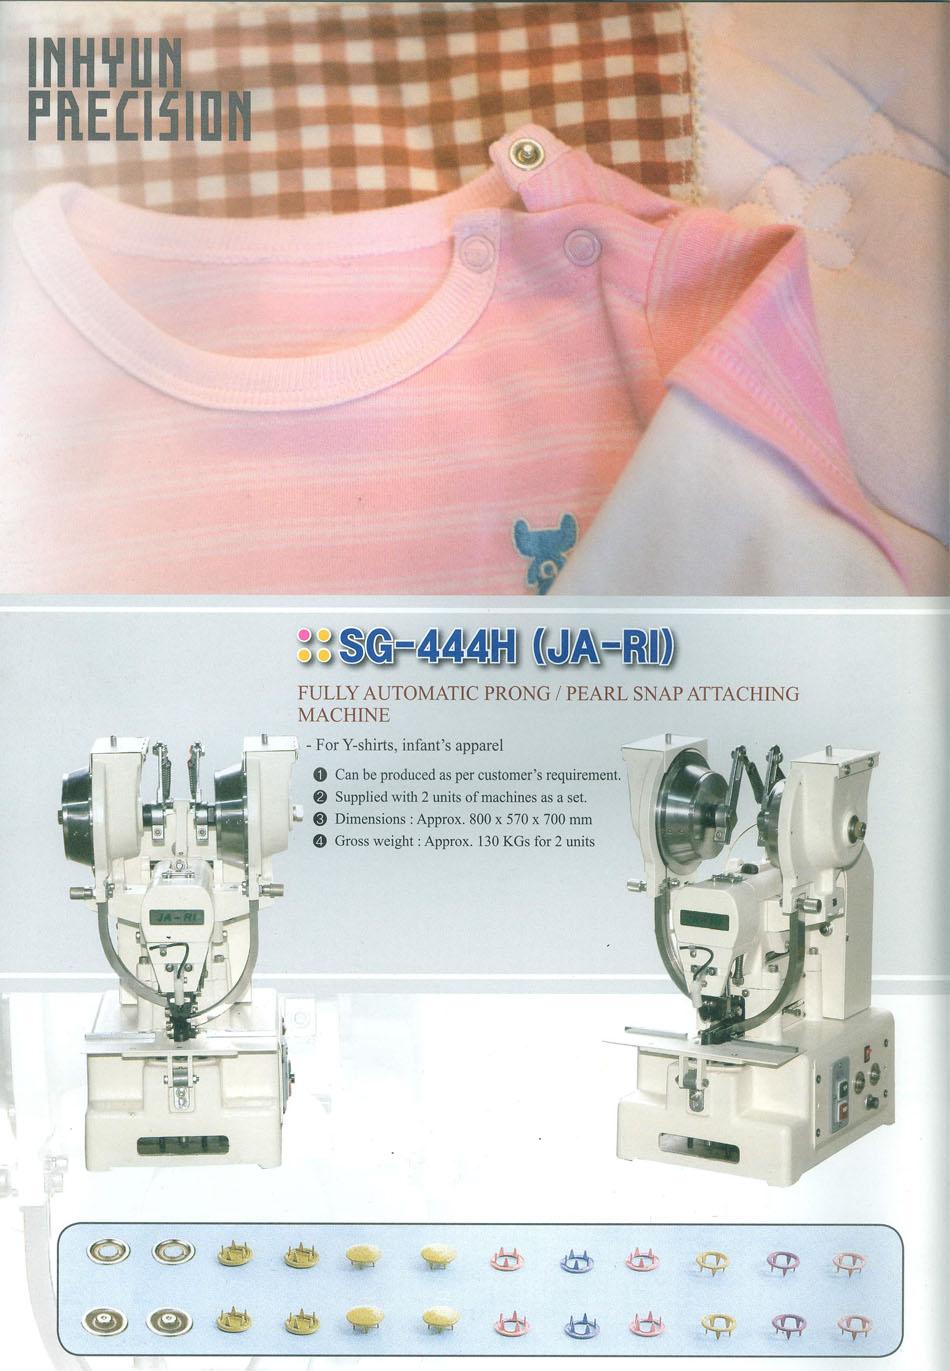 máy đóng nút tự động kostar sg-444h